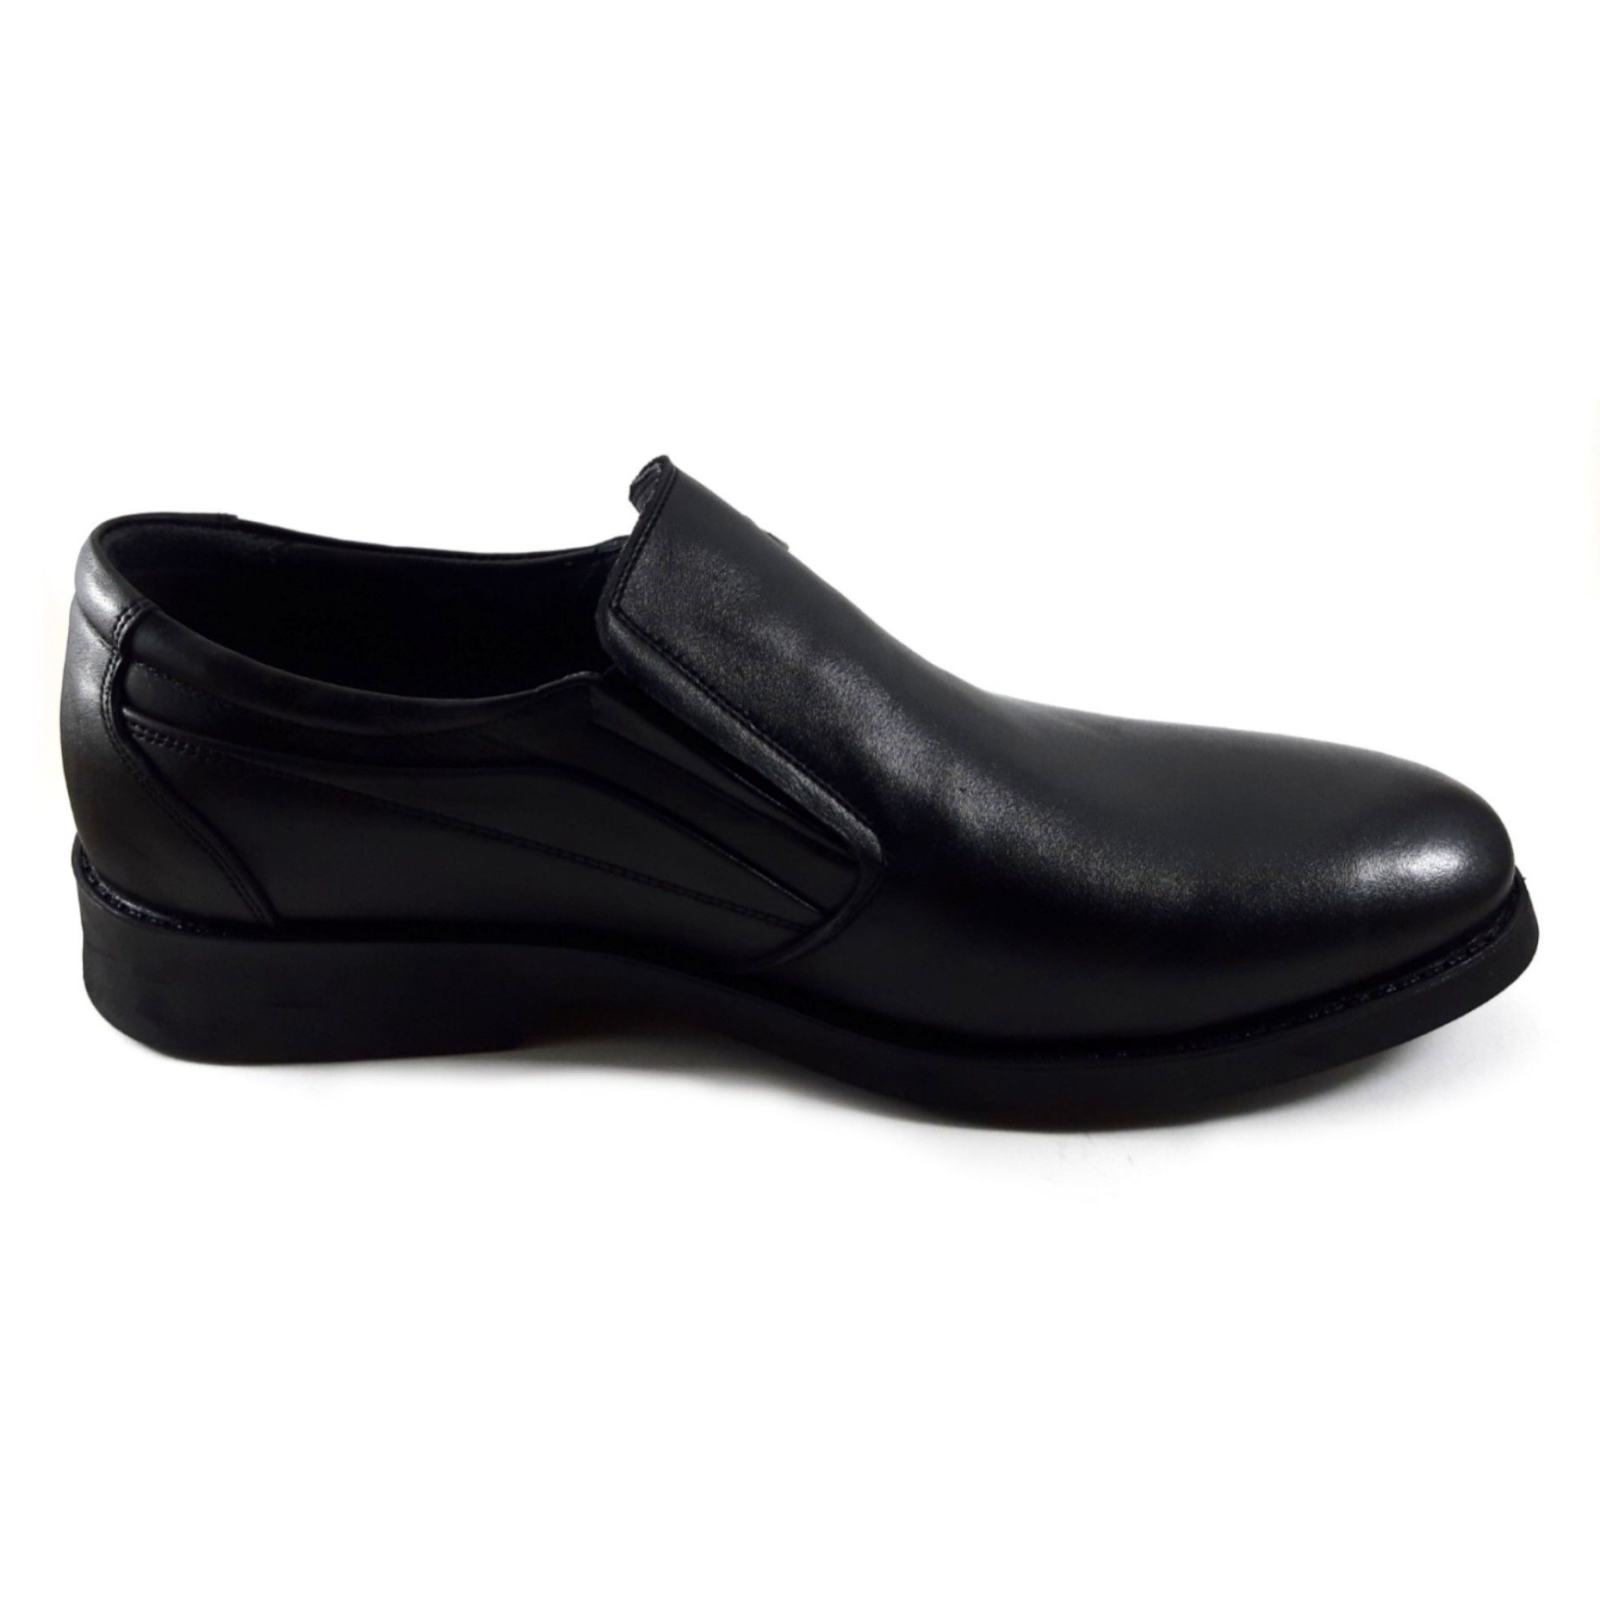 کفش مردانه کد 209